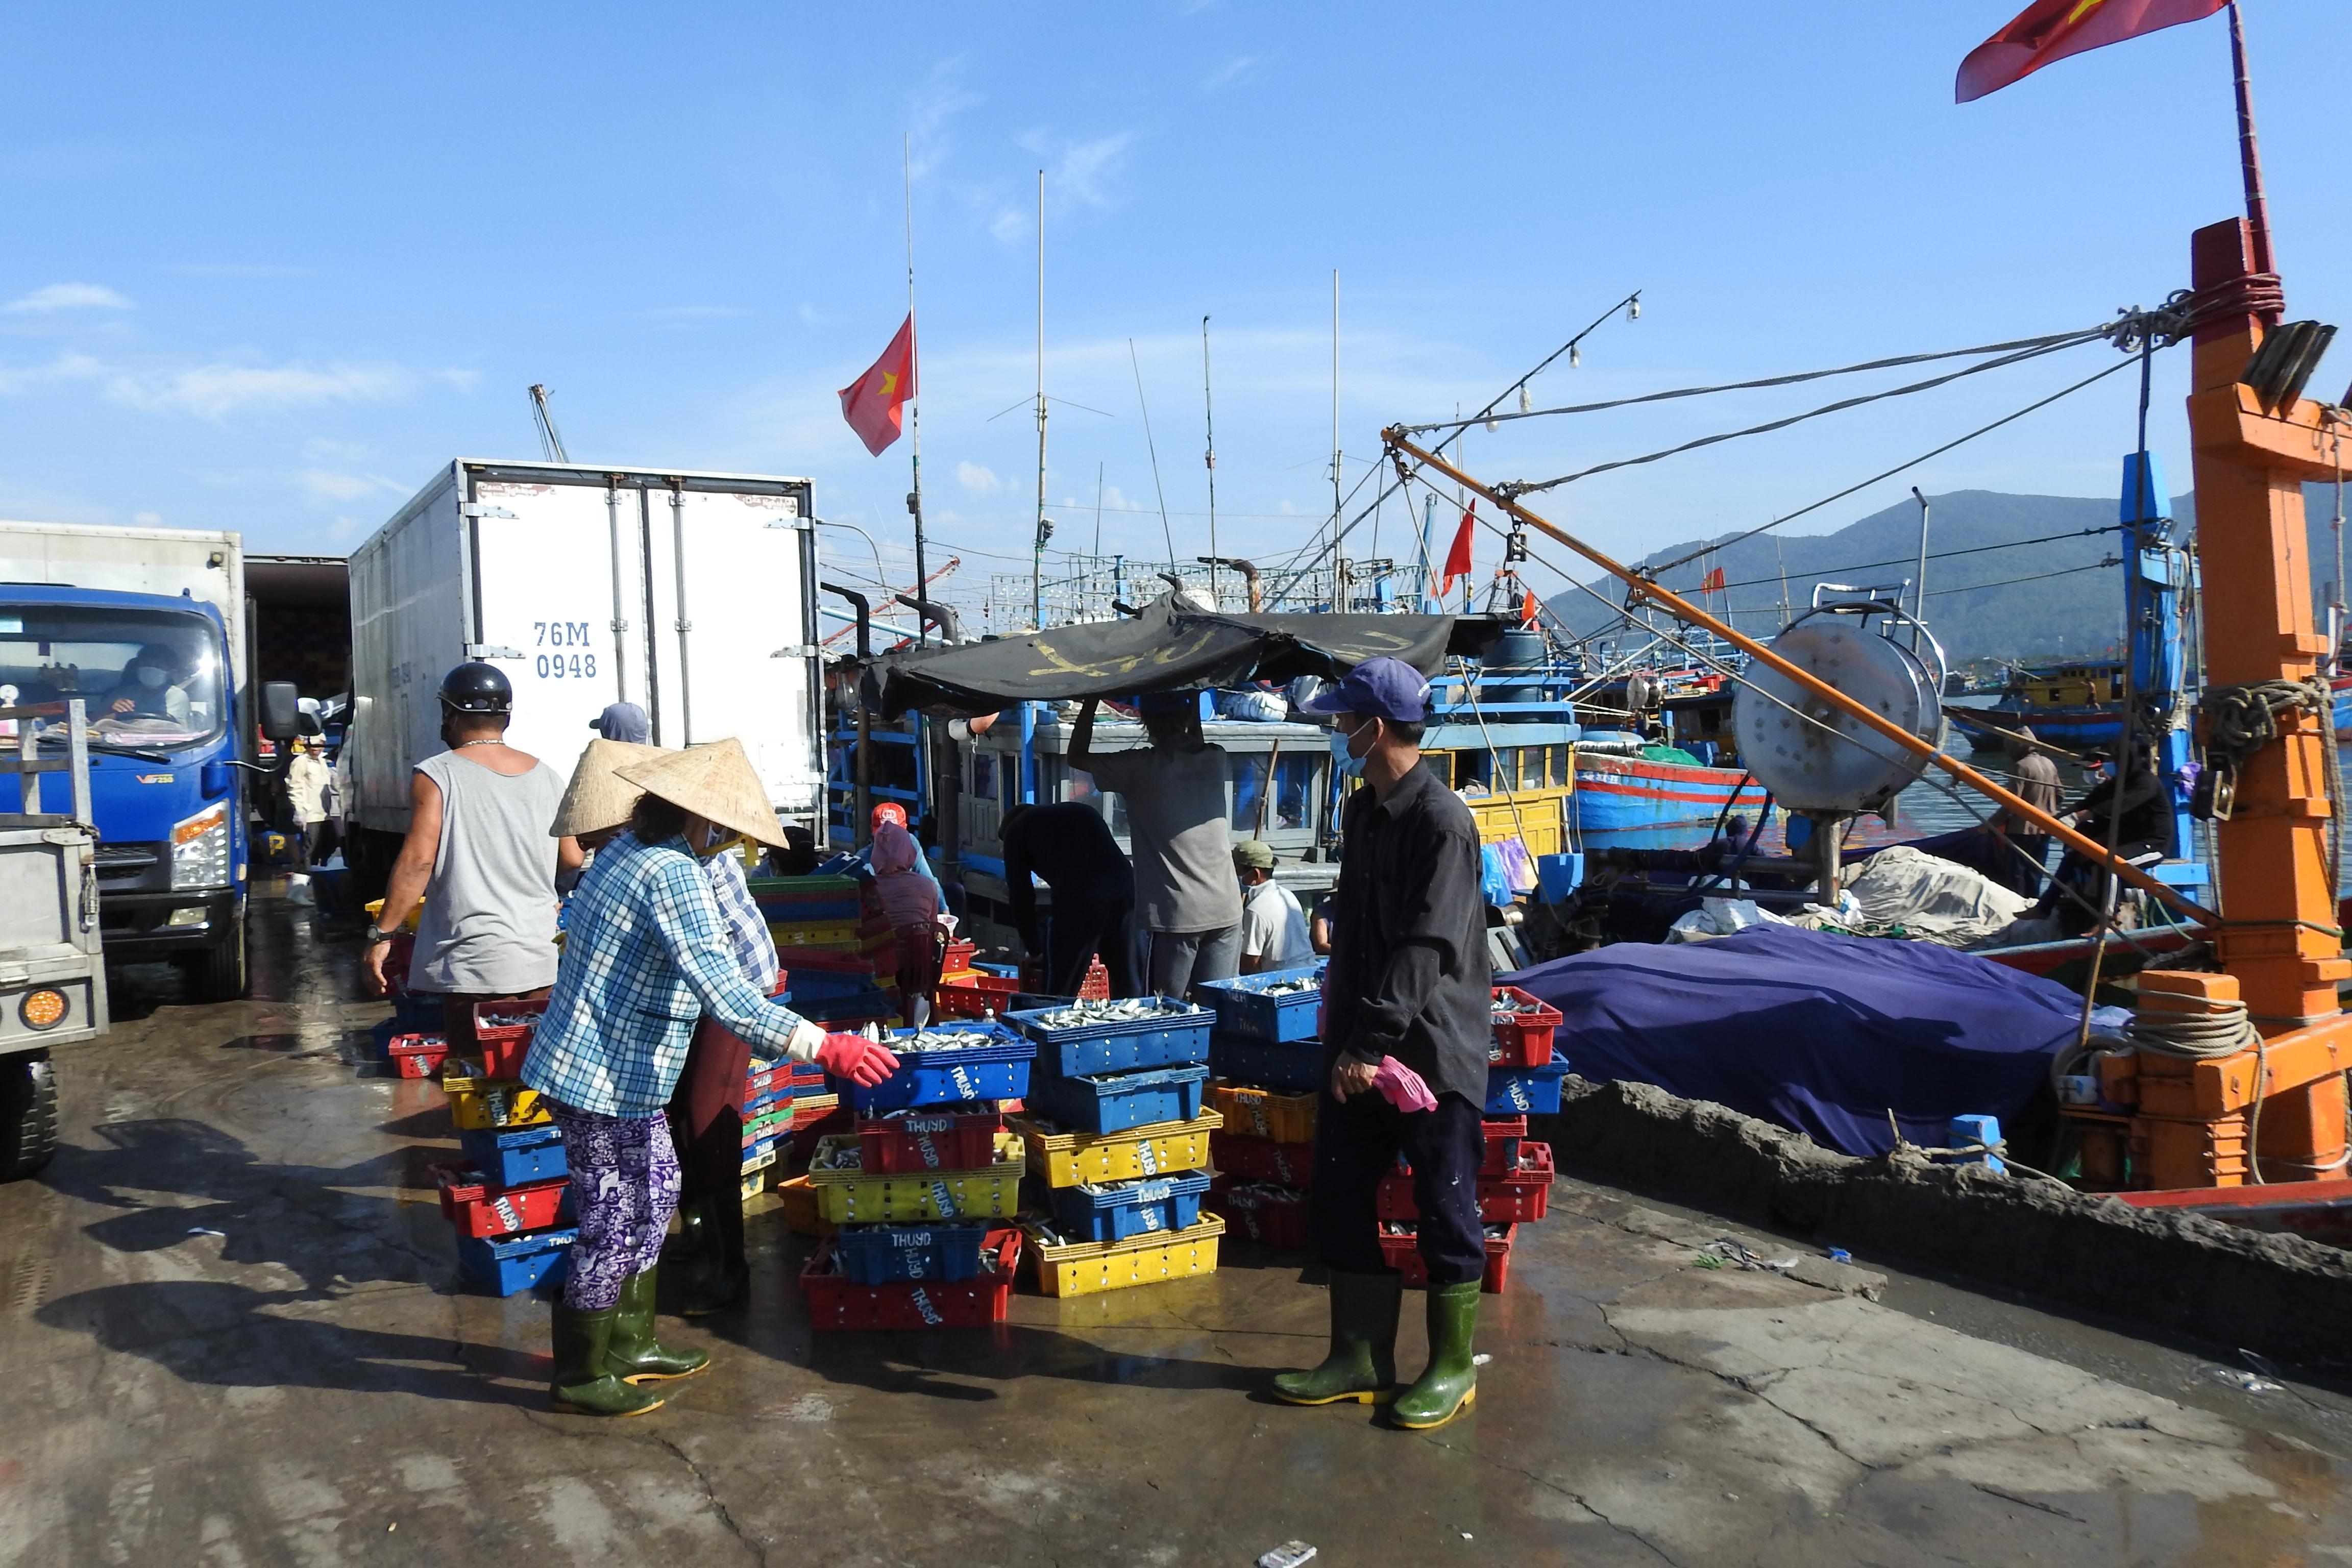 Hàng trăm tấn thủy, hải sản ở Cảng cá Thọ Quang được tiểu thương chuyển đến các chợ trên địa bàn TP Đà Nẵng để tiêu thụ. Ảnh Bình Nguyên.